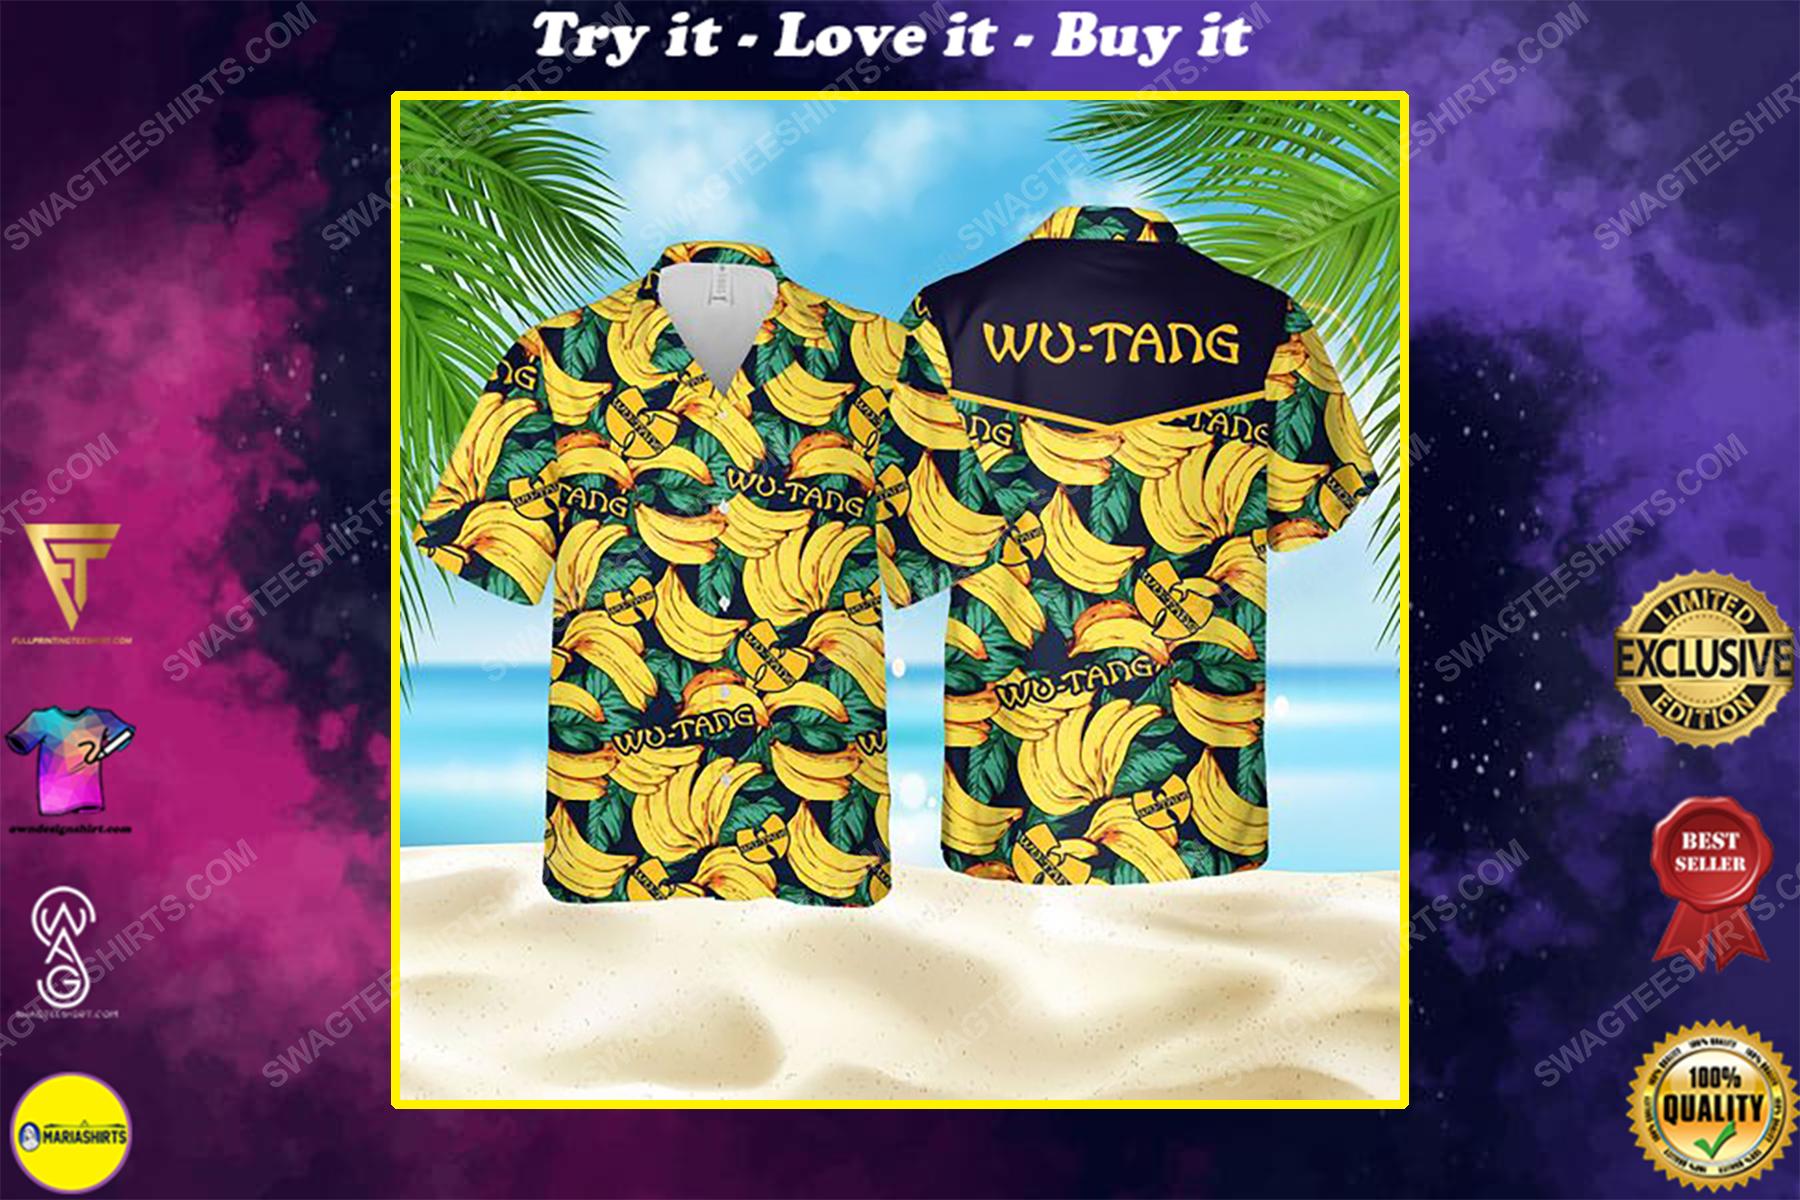 Tropical banana wu tang clan summer party hawaiian shirt